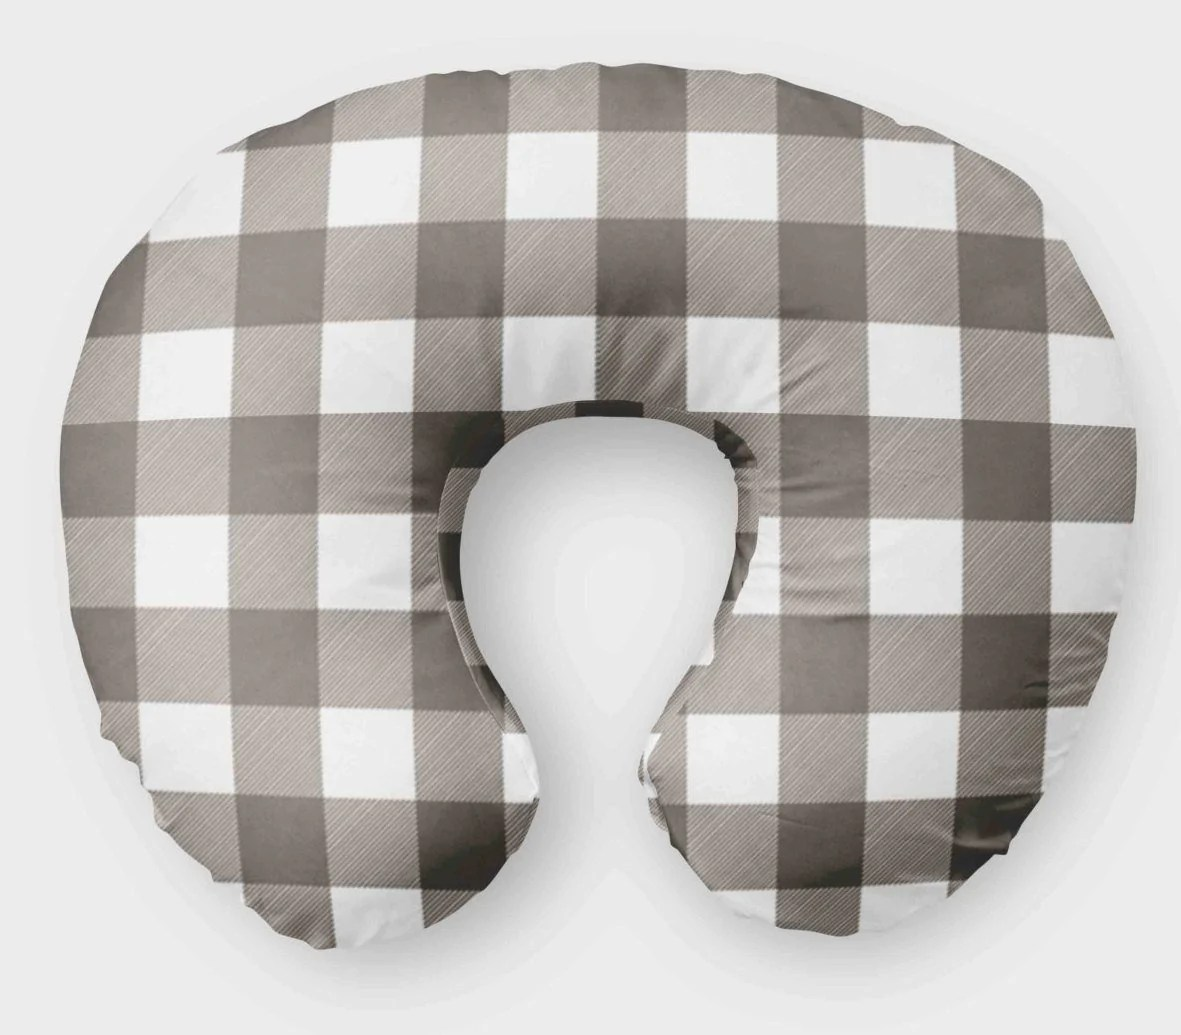 Boppy Cover For Boys Grey Plaid Nursing Pillow Cover Dream Evergreen